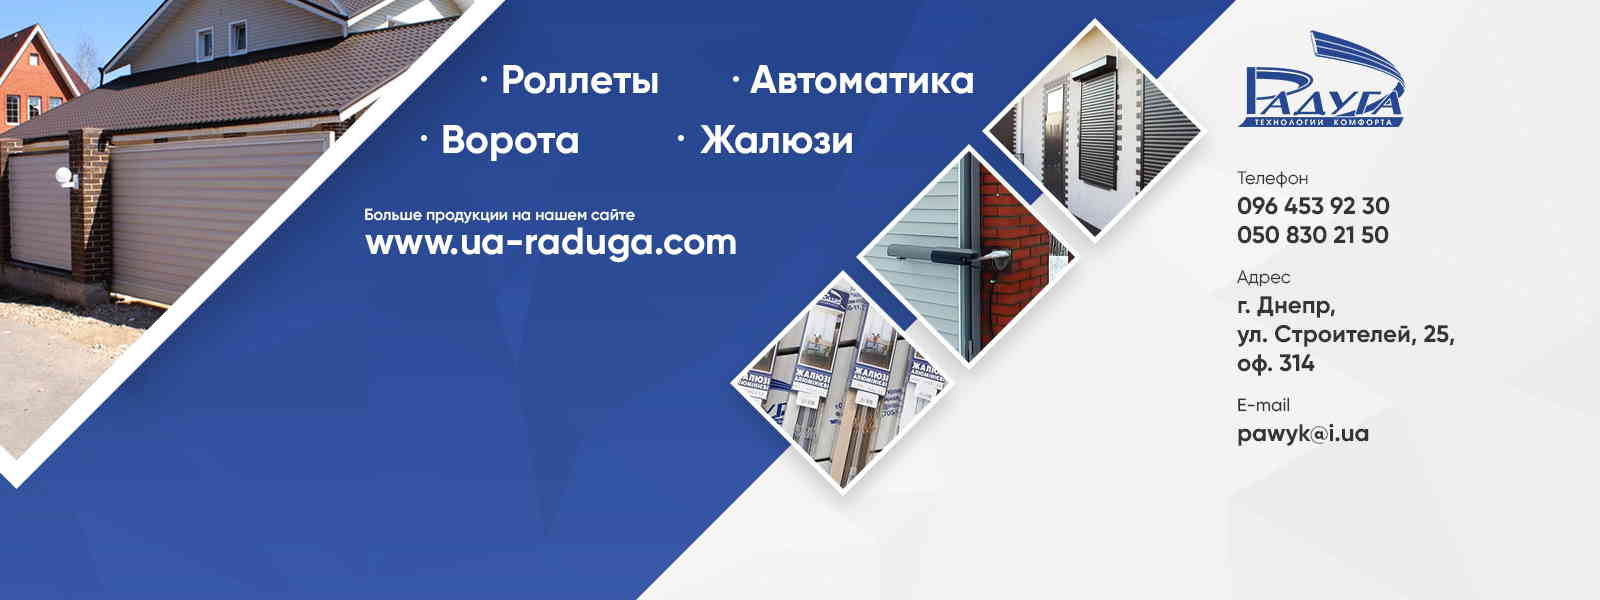 Ворота - Роллеты от ООО Радуга N